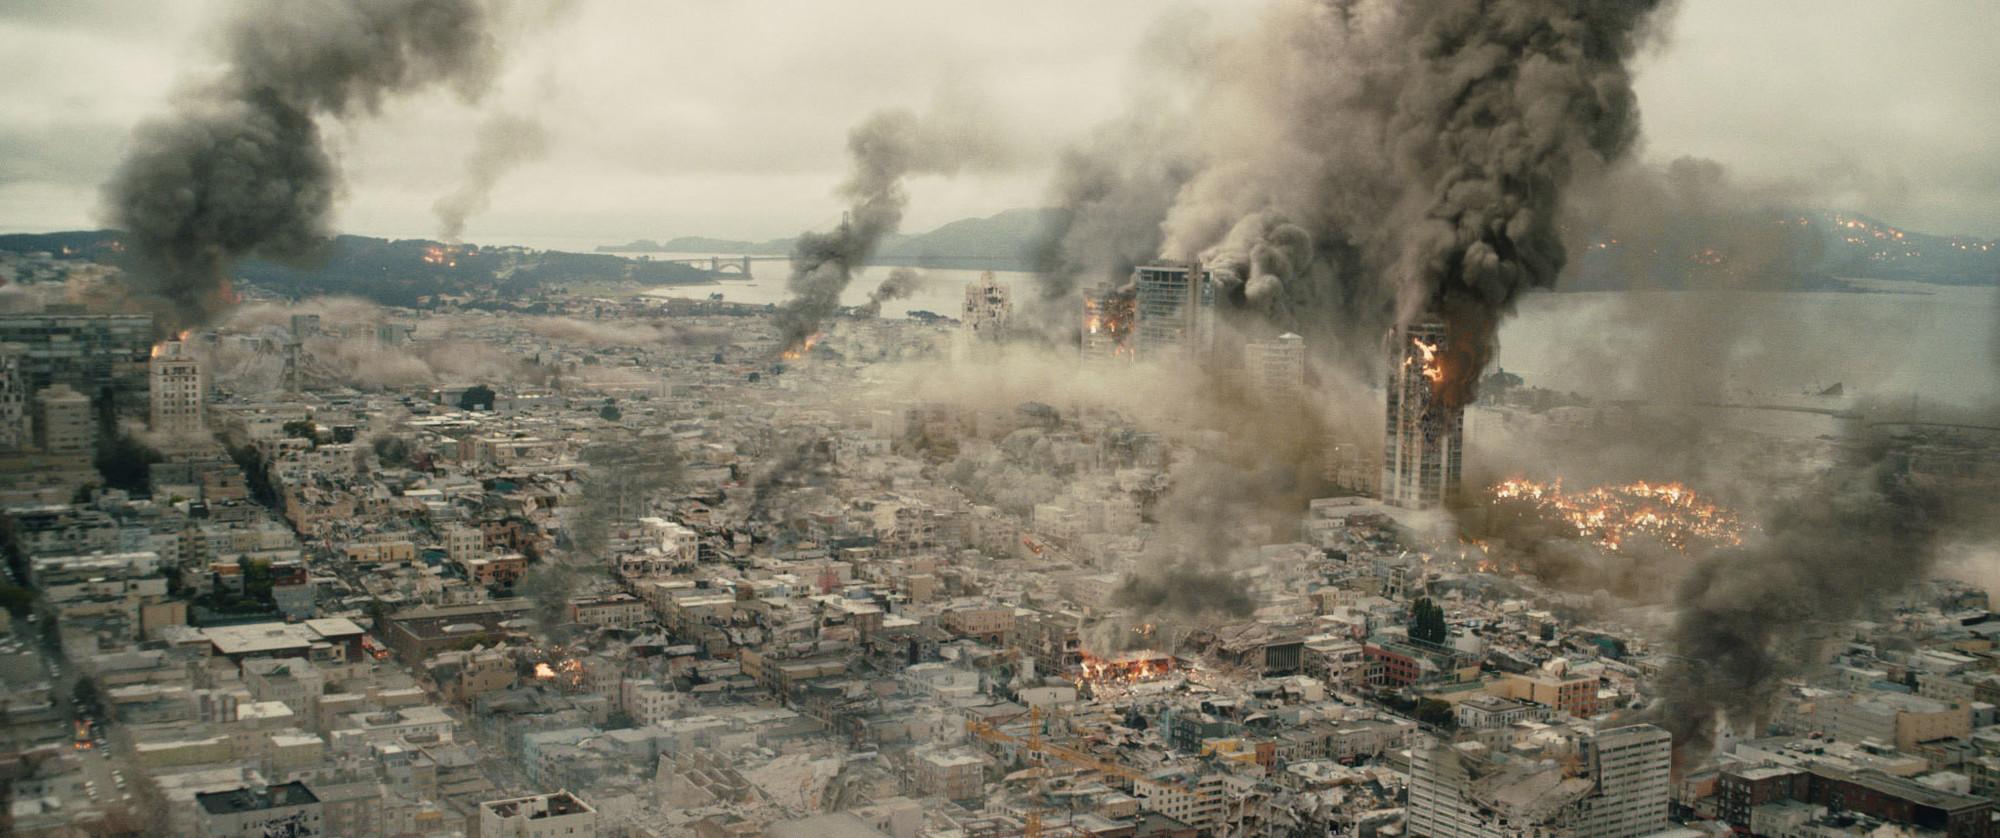 多起爆炸事故引发化工品涨价潮,受益股有哪些,机构怎么看?